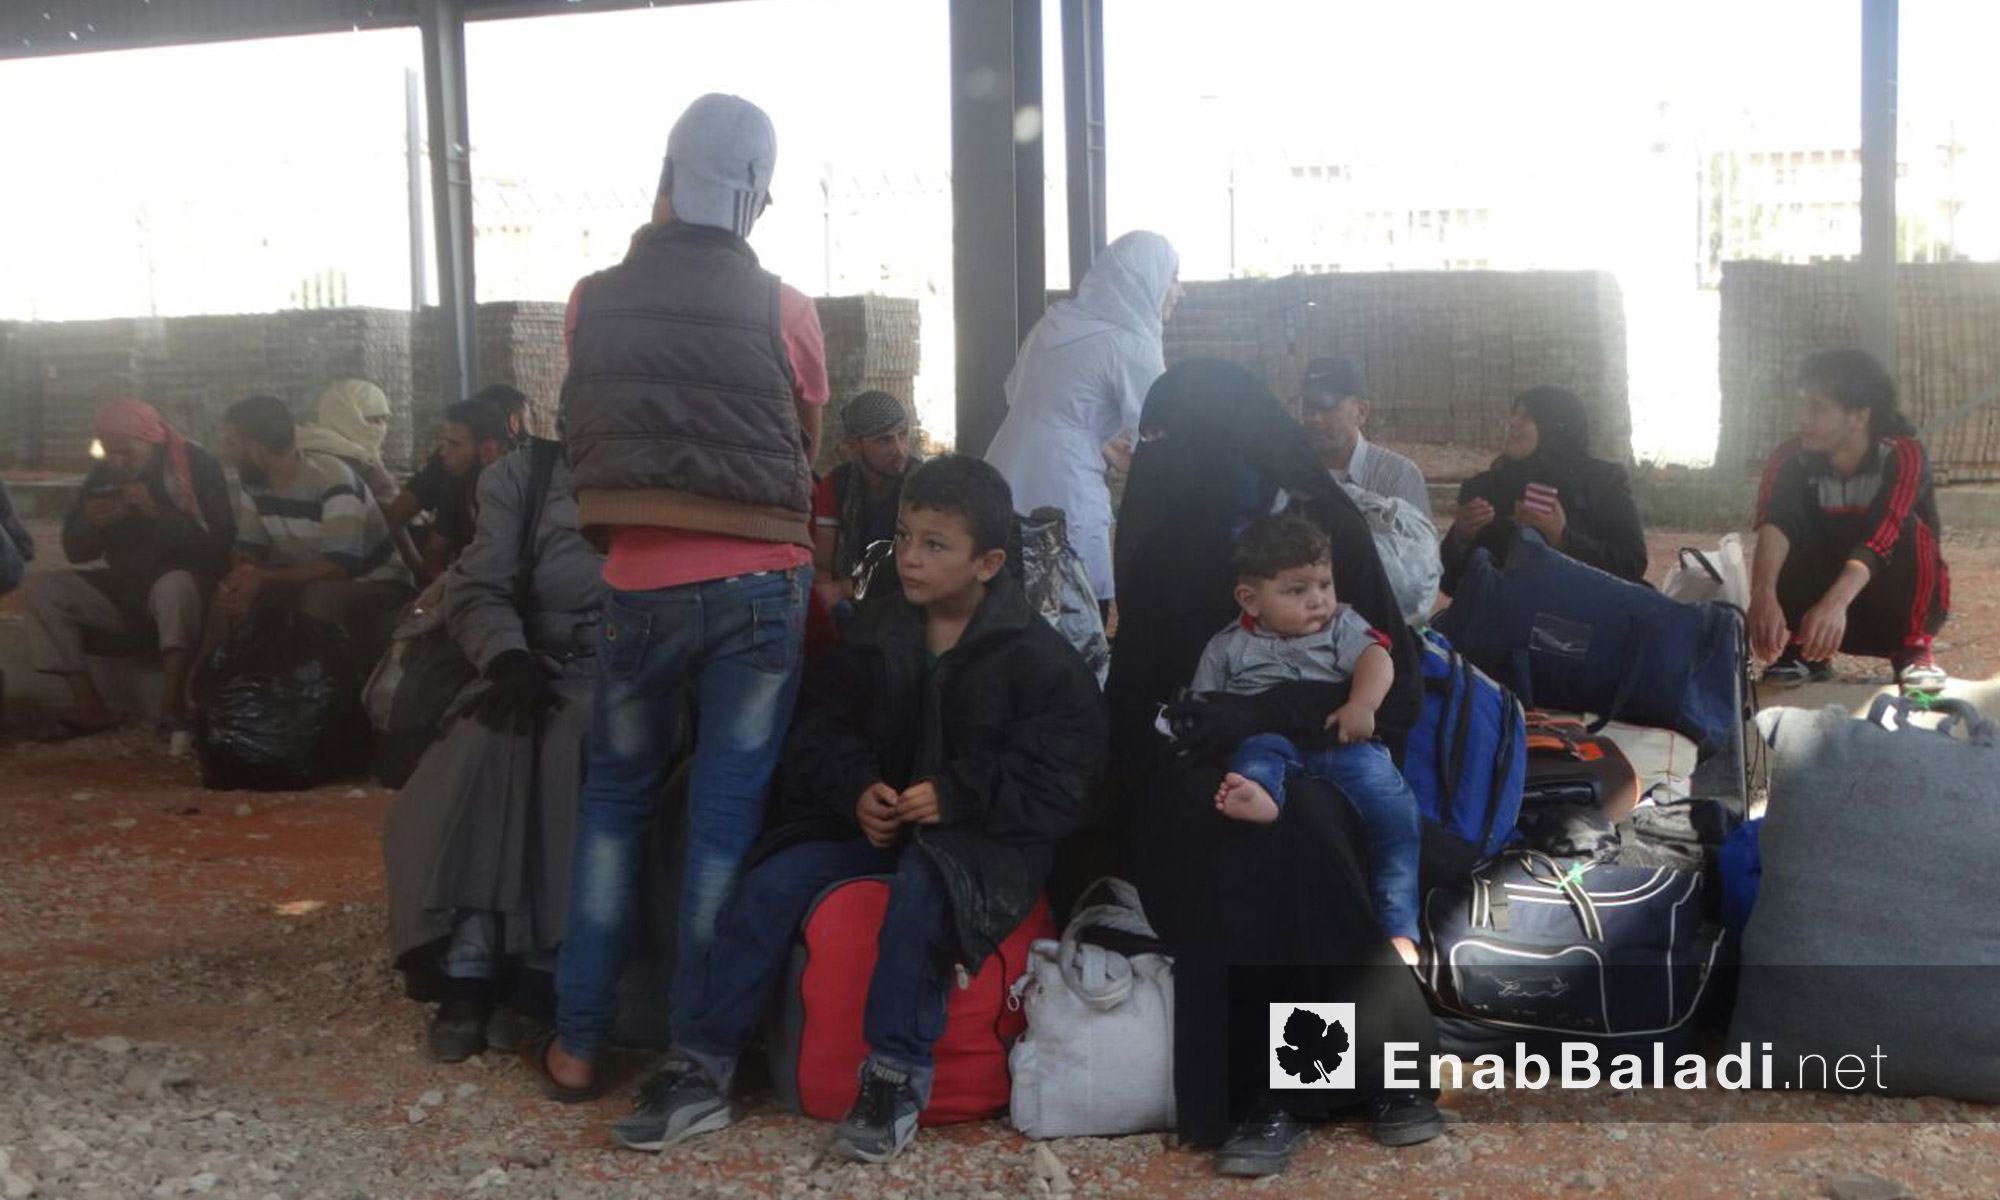 أطفال وعائلات الوعر ينتظرون الخروج إلى ريف حمص الشمالي - الخميس 23 أيلول (عنب بلدي)